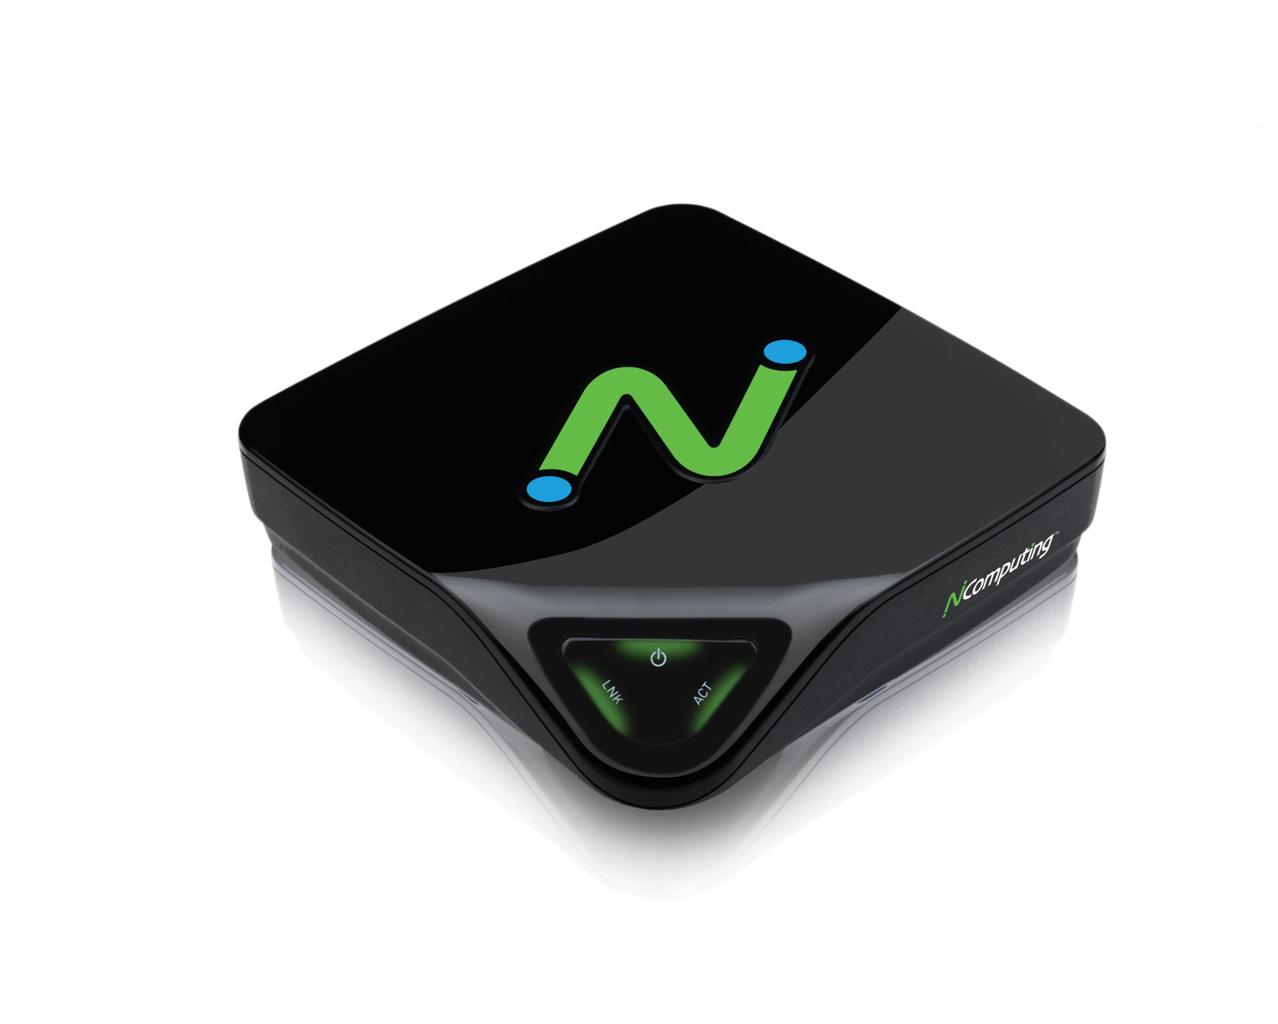 Der L300 von NComputing sowie sein Fujitsu-Bruder Futro C400 sind als Zero-Client konzipiert (Bild: NComputing).